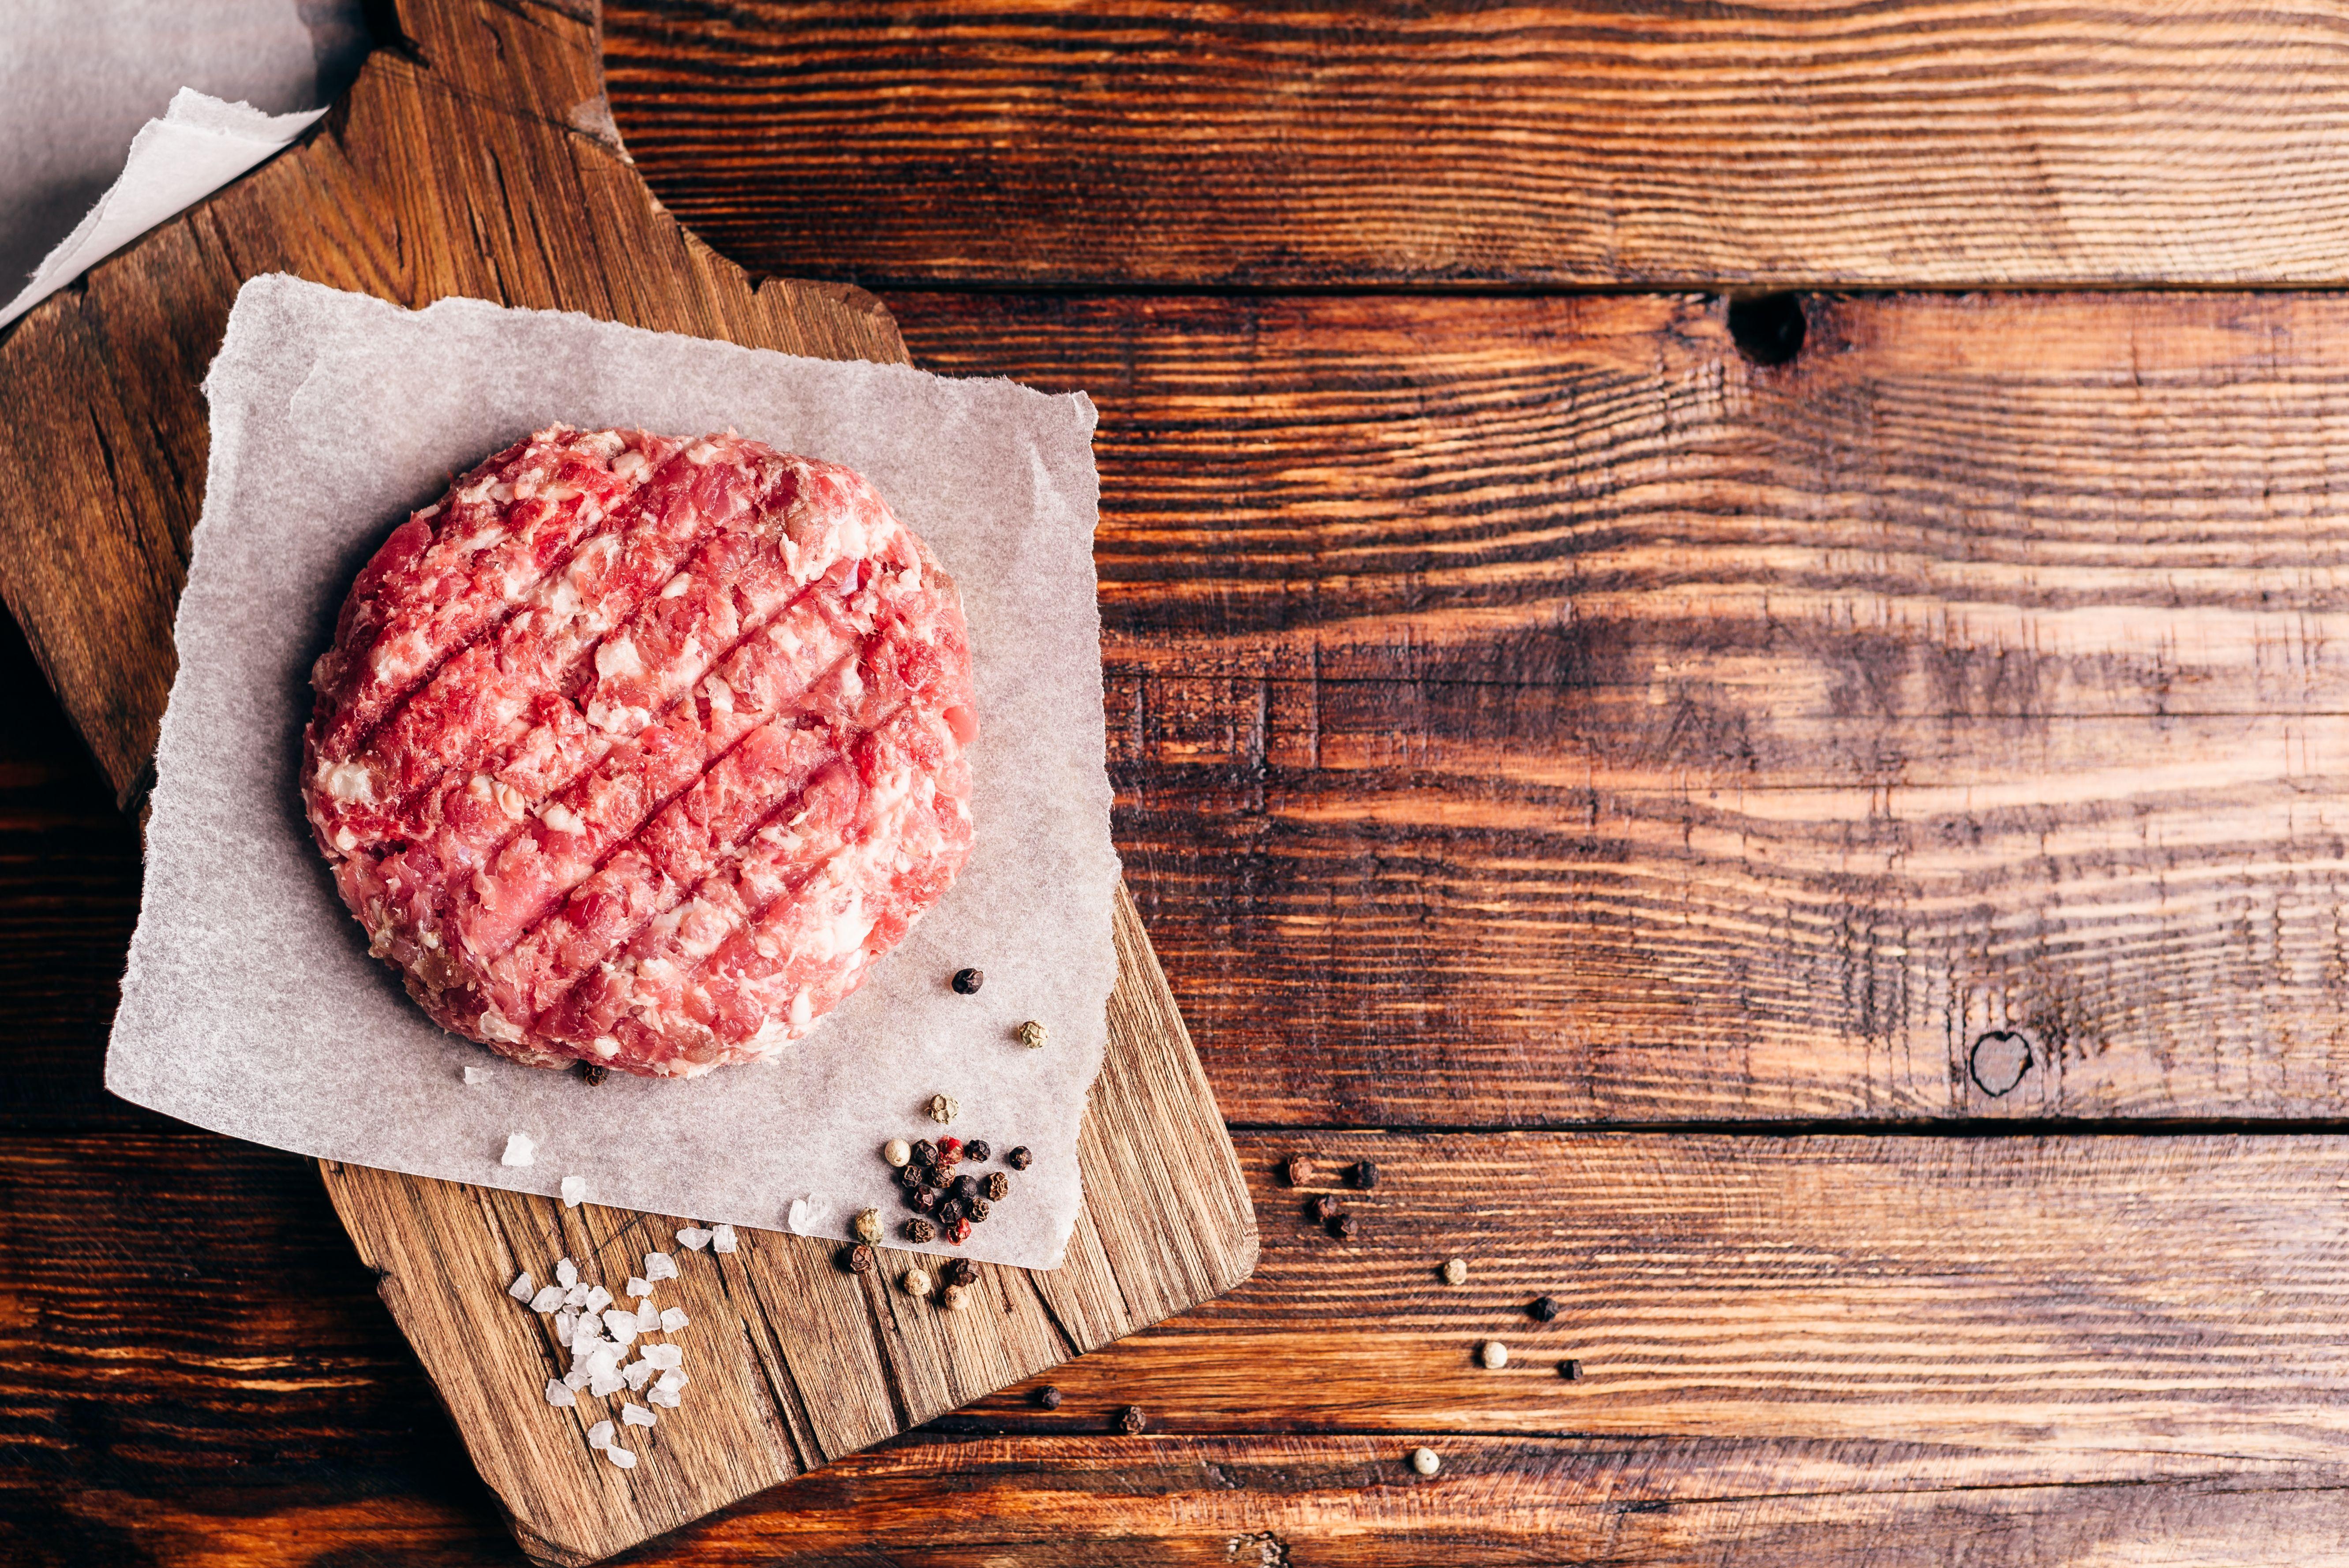 Carne fresca: ¿Qué ofrecemos? de Daqui Gustas...? Fábrica